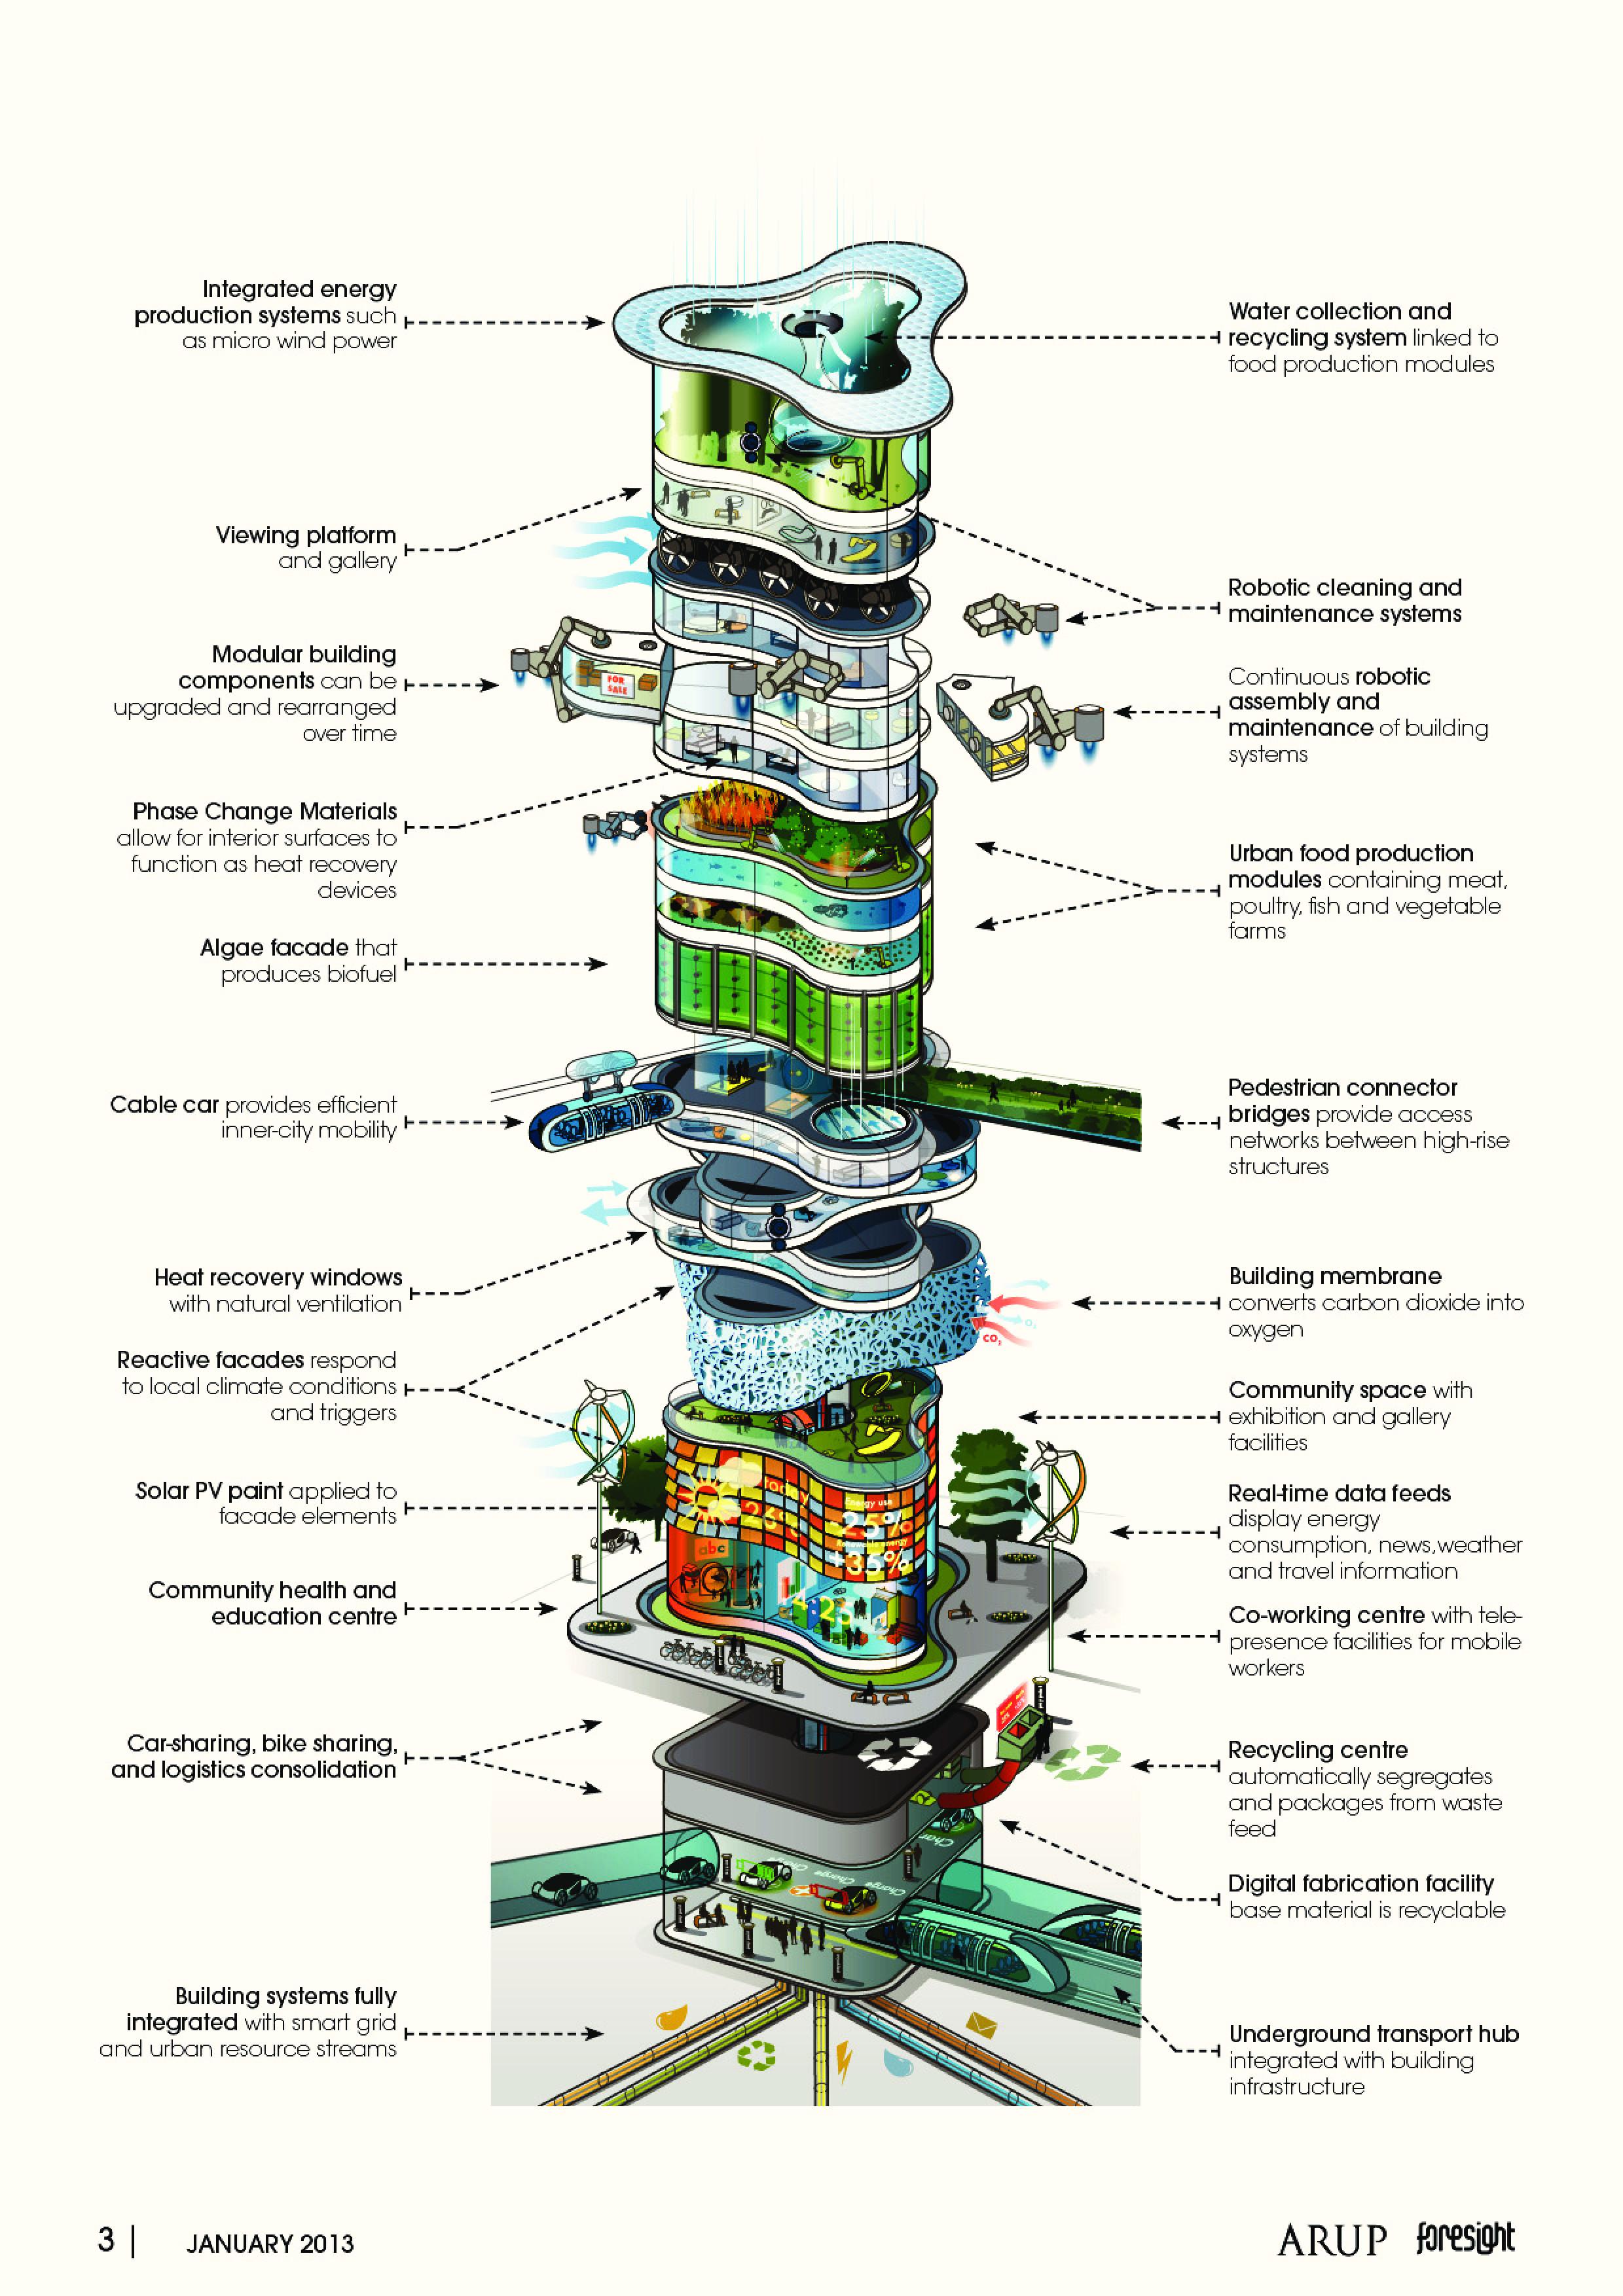 Zo ziet een huis eruit in 2050 - De gevels van de huizen ...